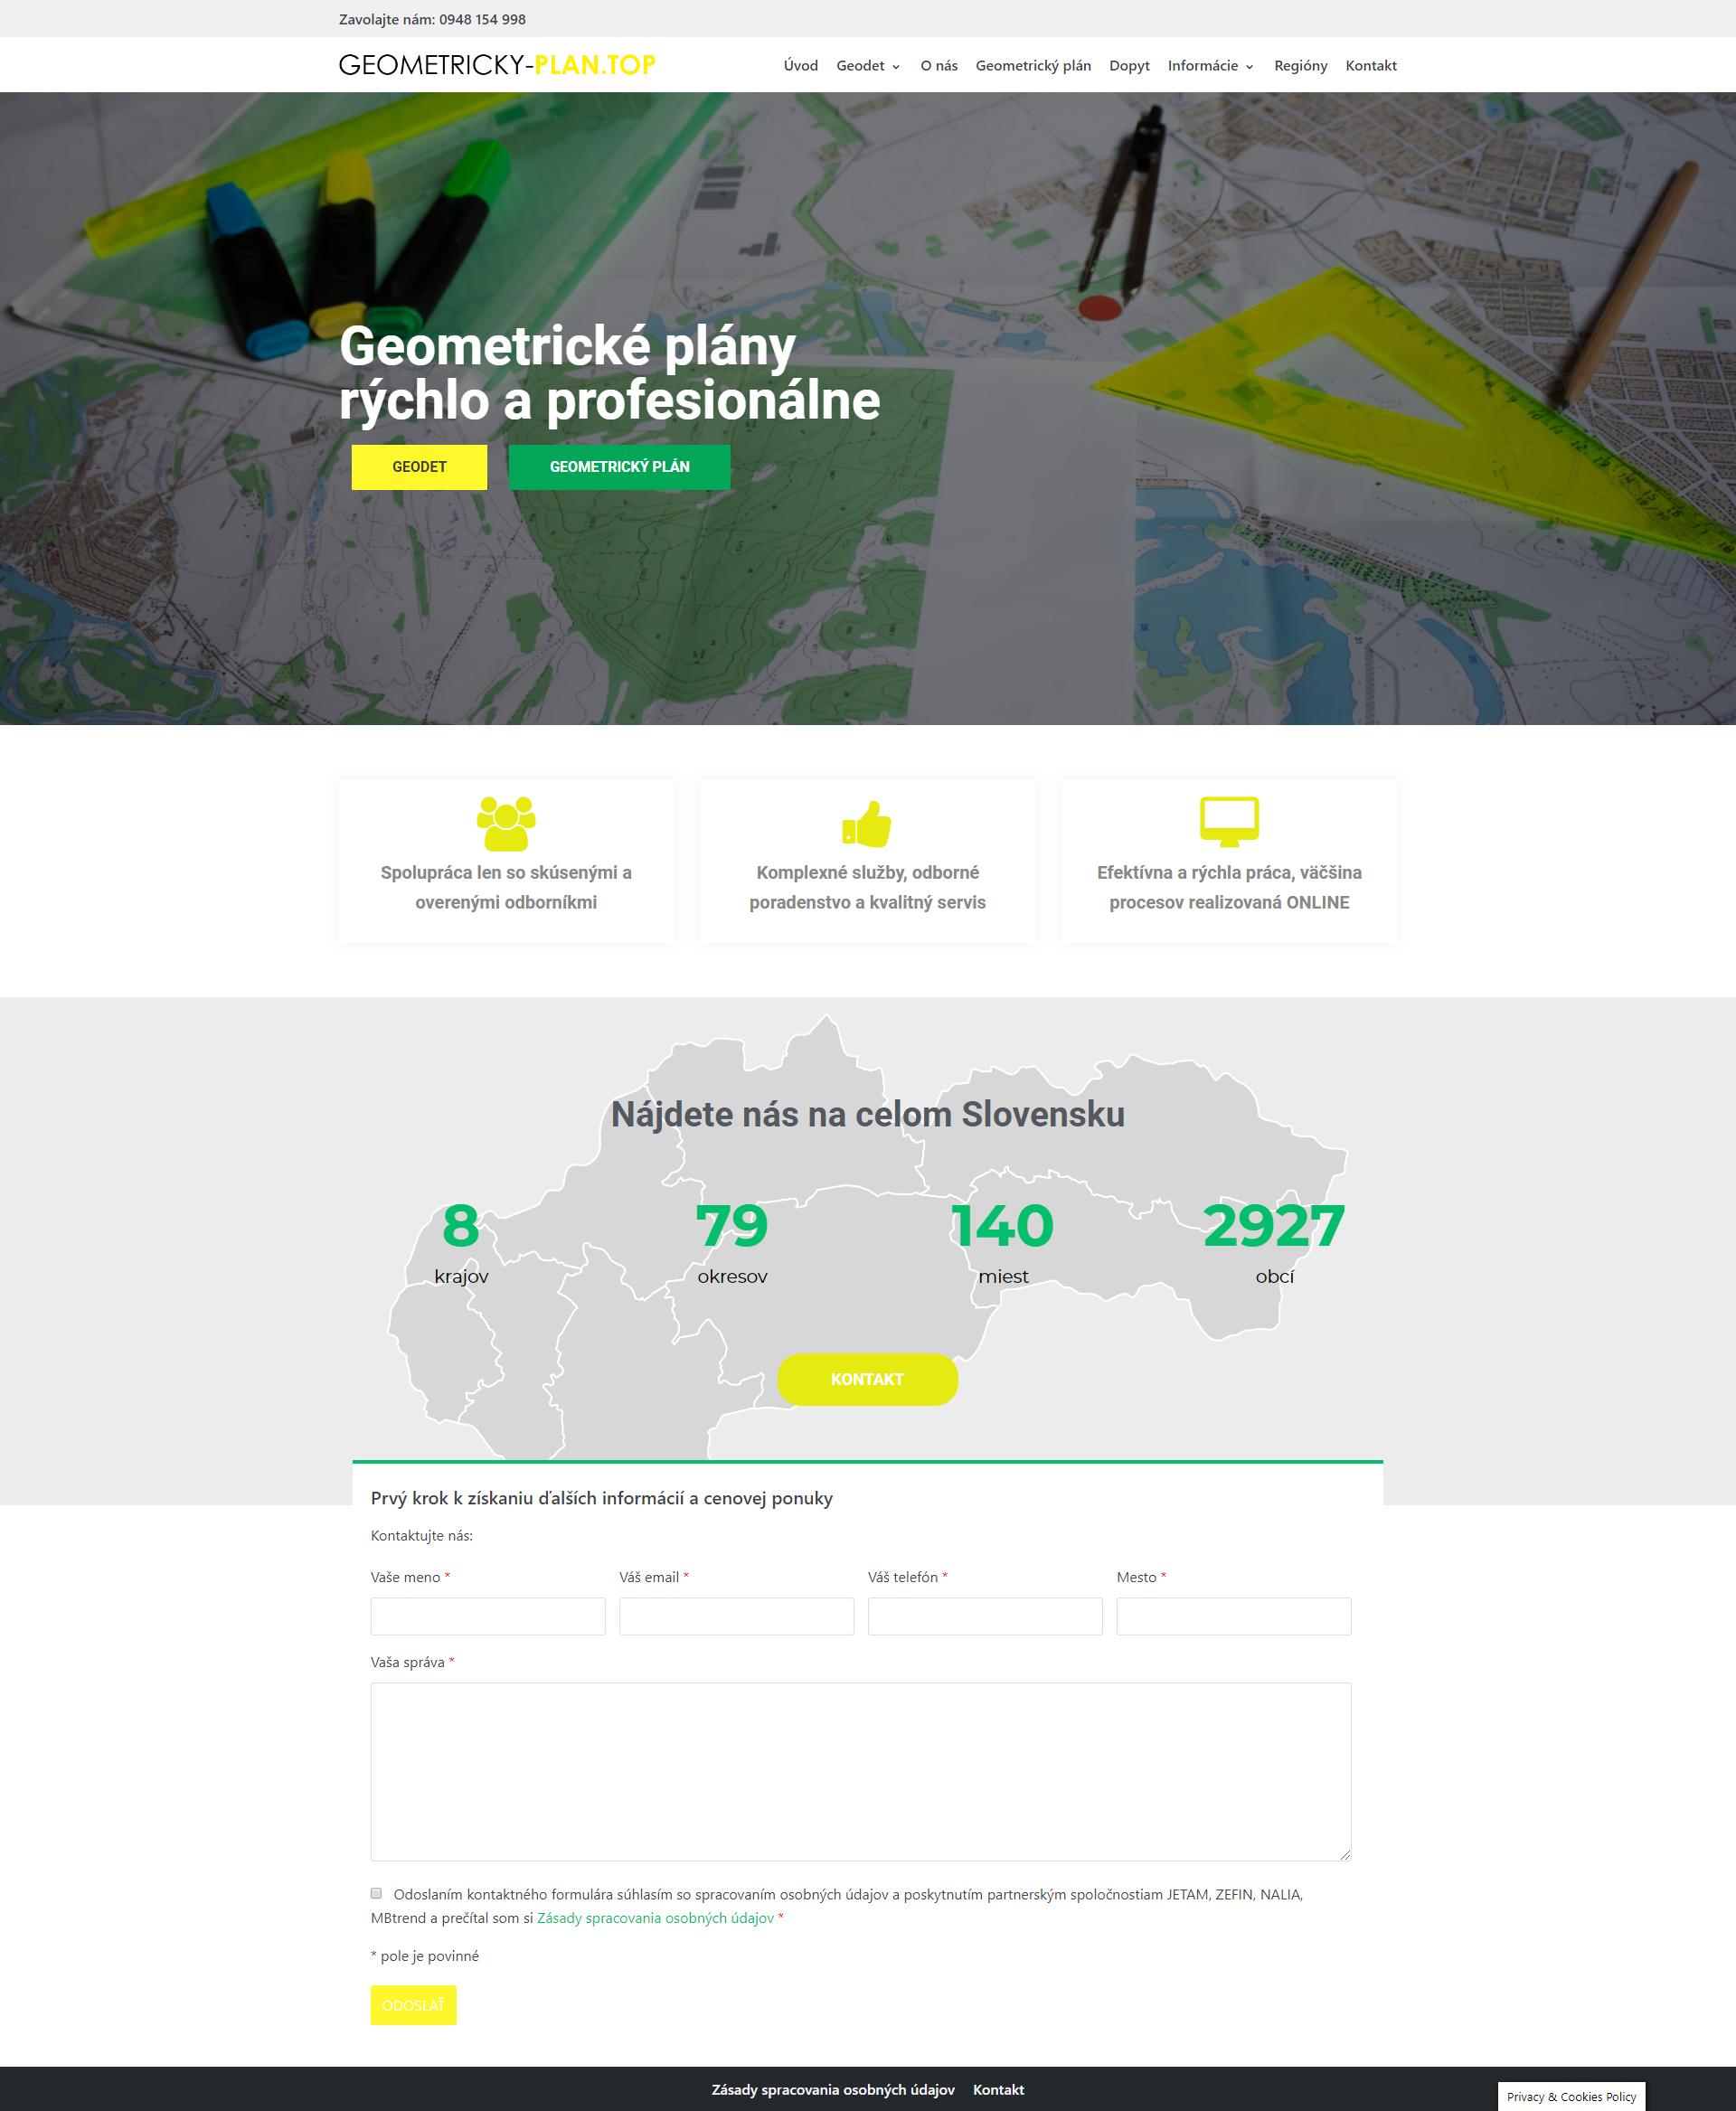 geometricky-plan-top-portfolio